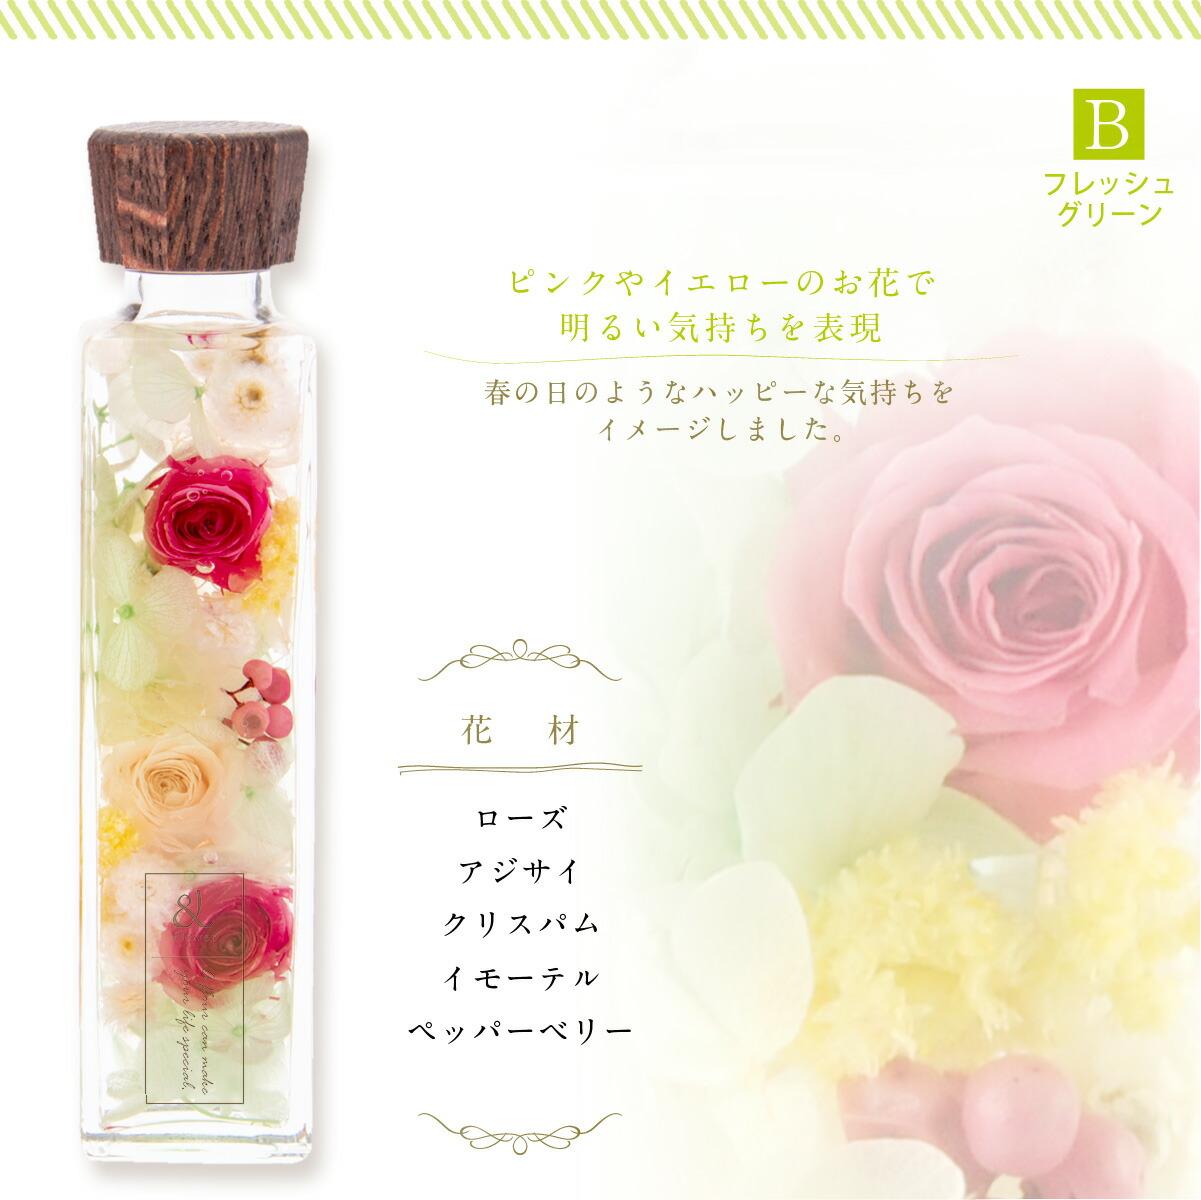 ピンクやイエローのお花で明るい気持ちを表現。春の日のようなハッピーな気持ちをイメージしました。使用花材はローズ(バラ)・あじさい・クリスパム・イモーテル・ペッパーベリー。